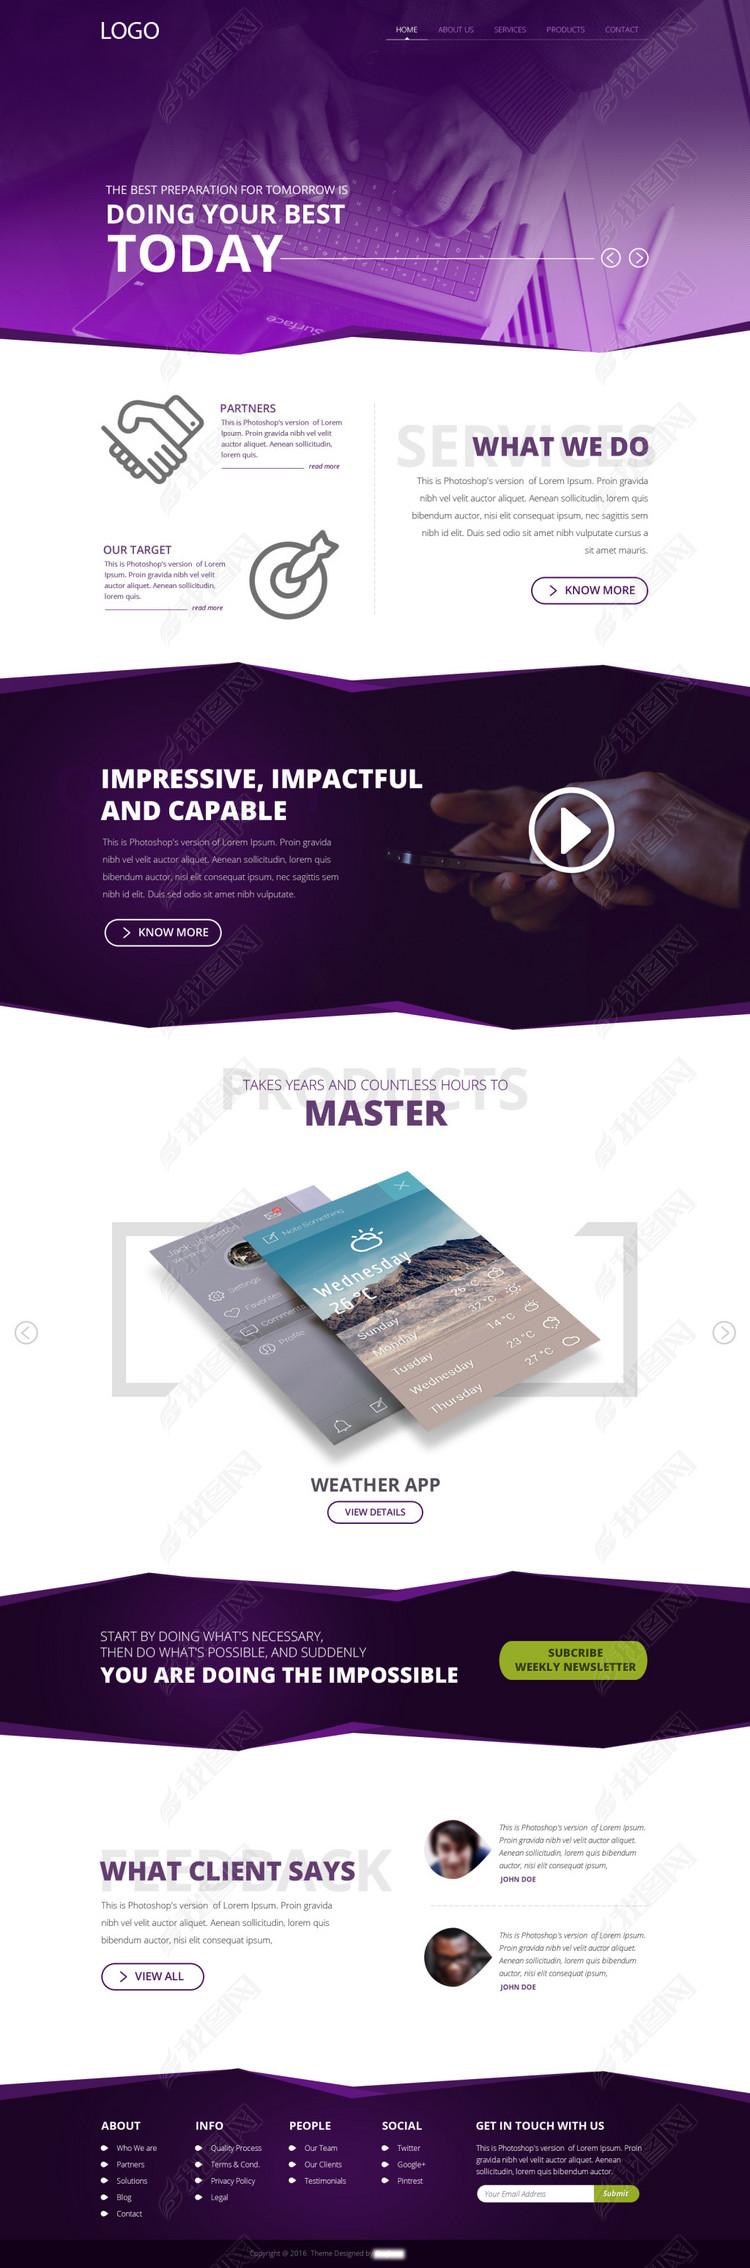 高端紫色扁平化企业官网主页自定义模板